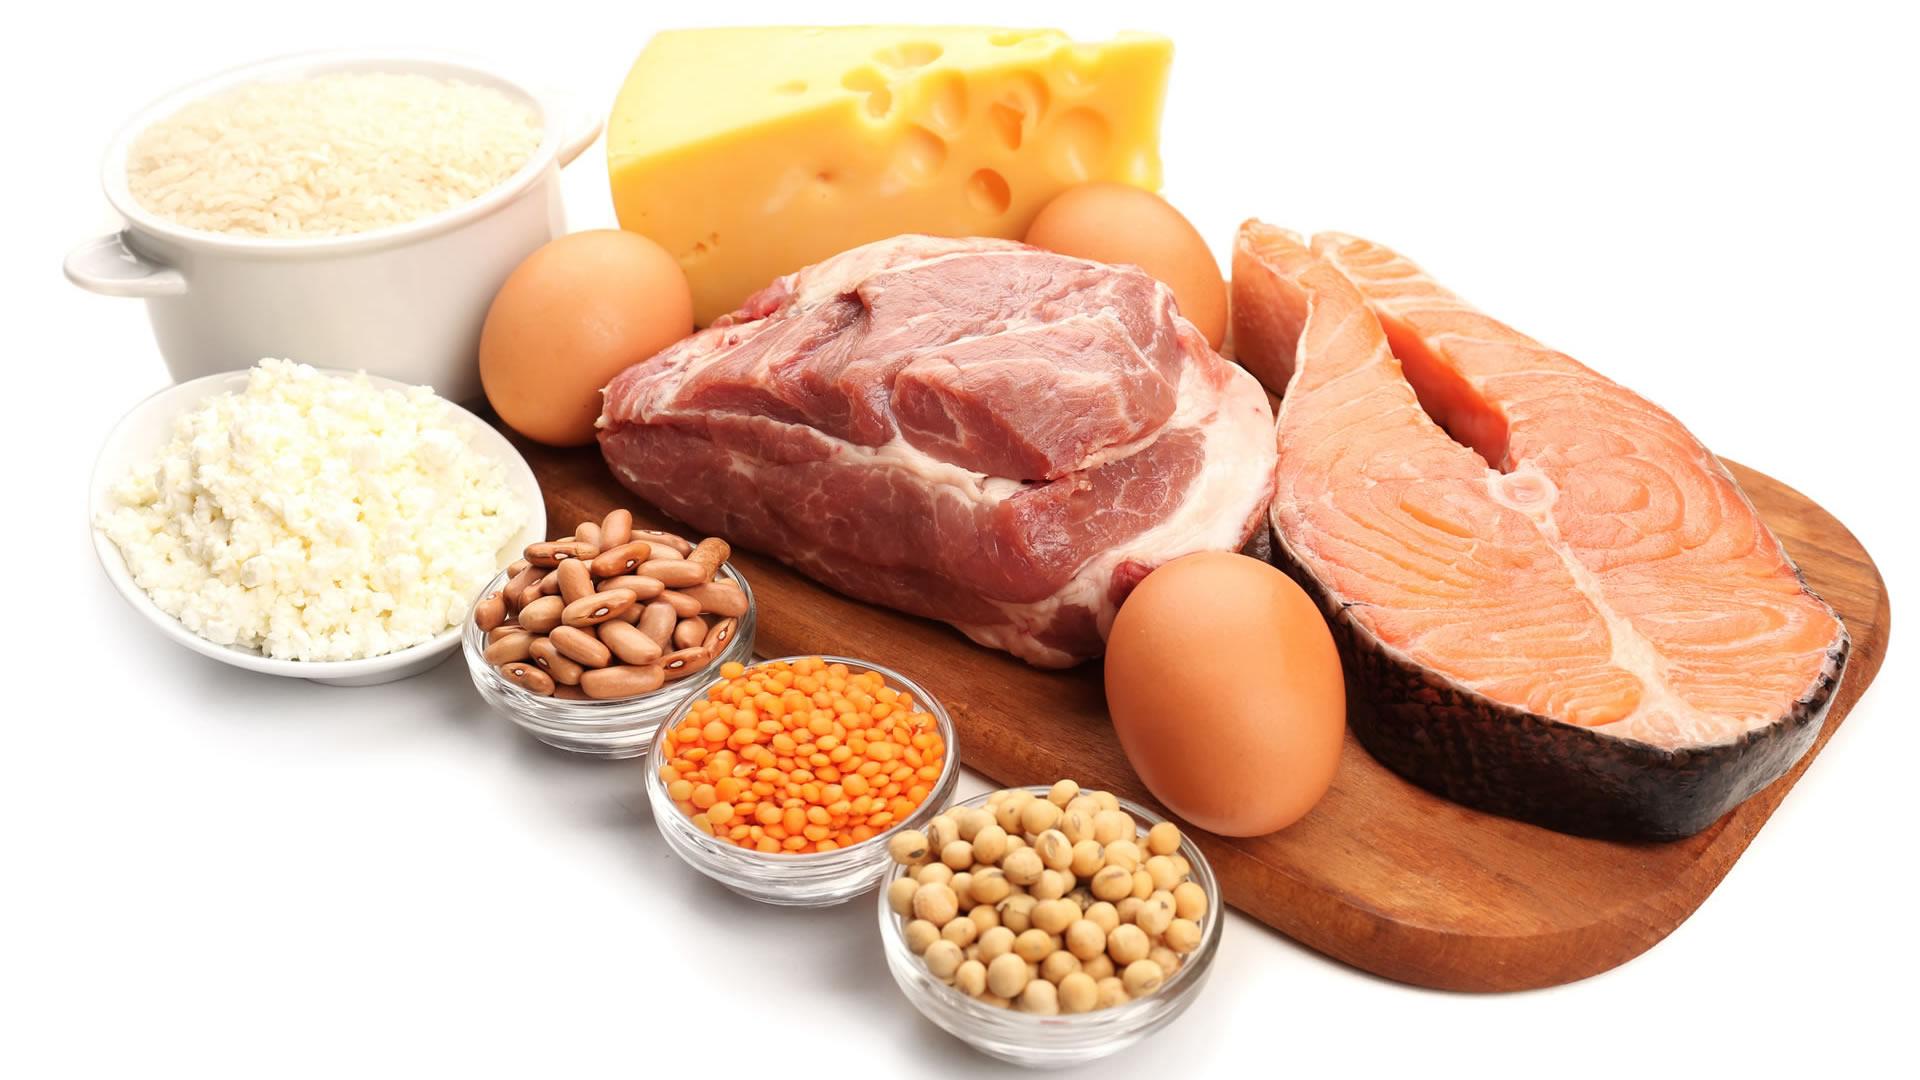 Beneficios de comer proteinas para adelgazar